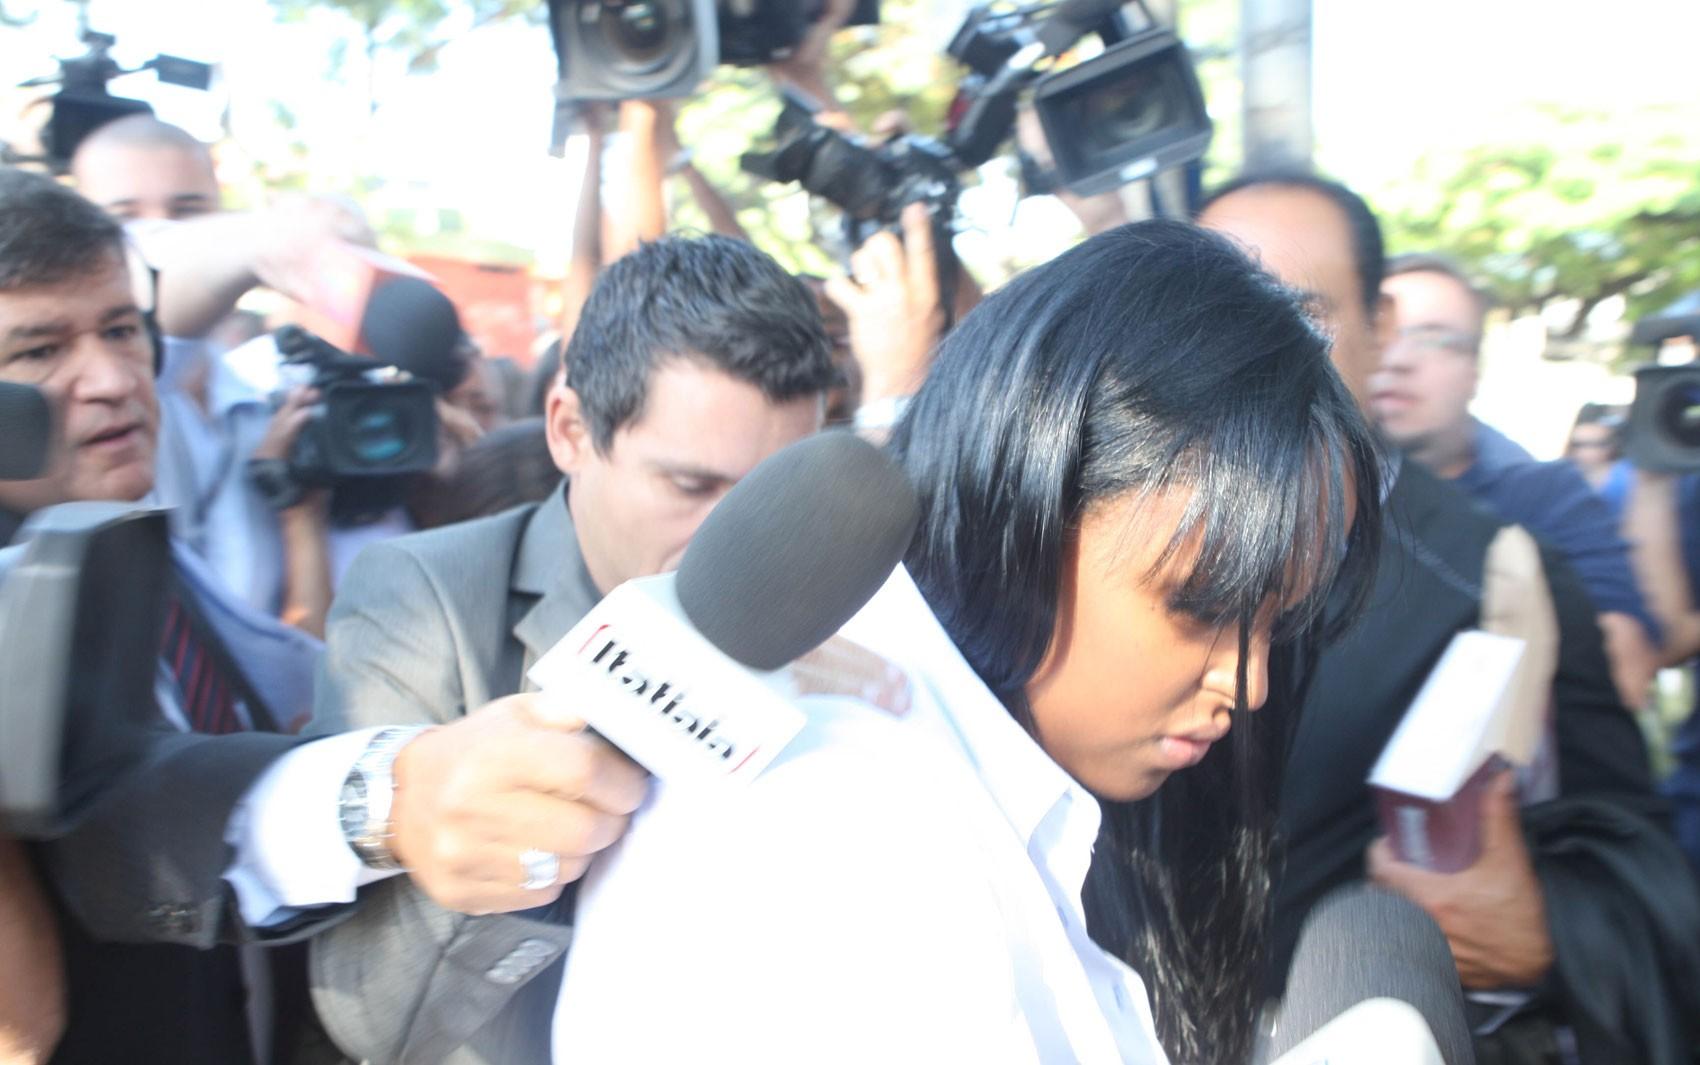 70b2e8c6fb6 G1 - Goleiro Bruno chega ao Fórum de Contagem para júri do caso ...